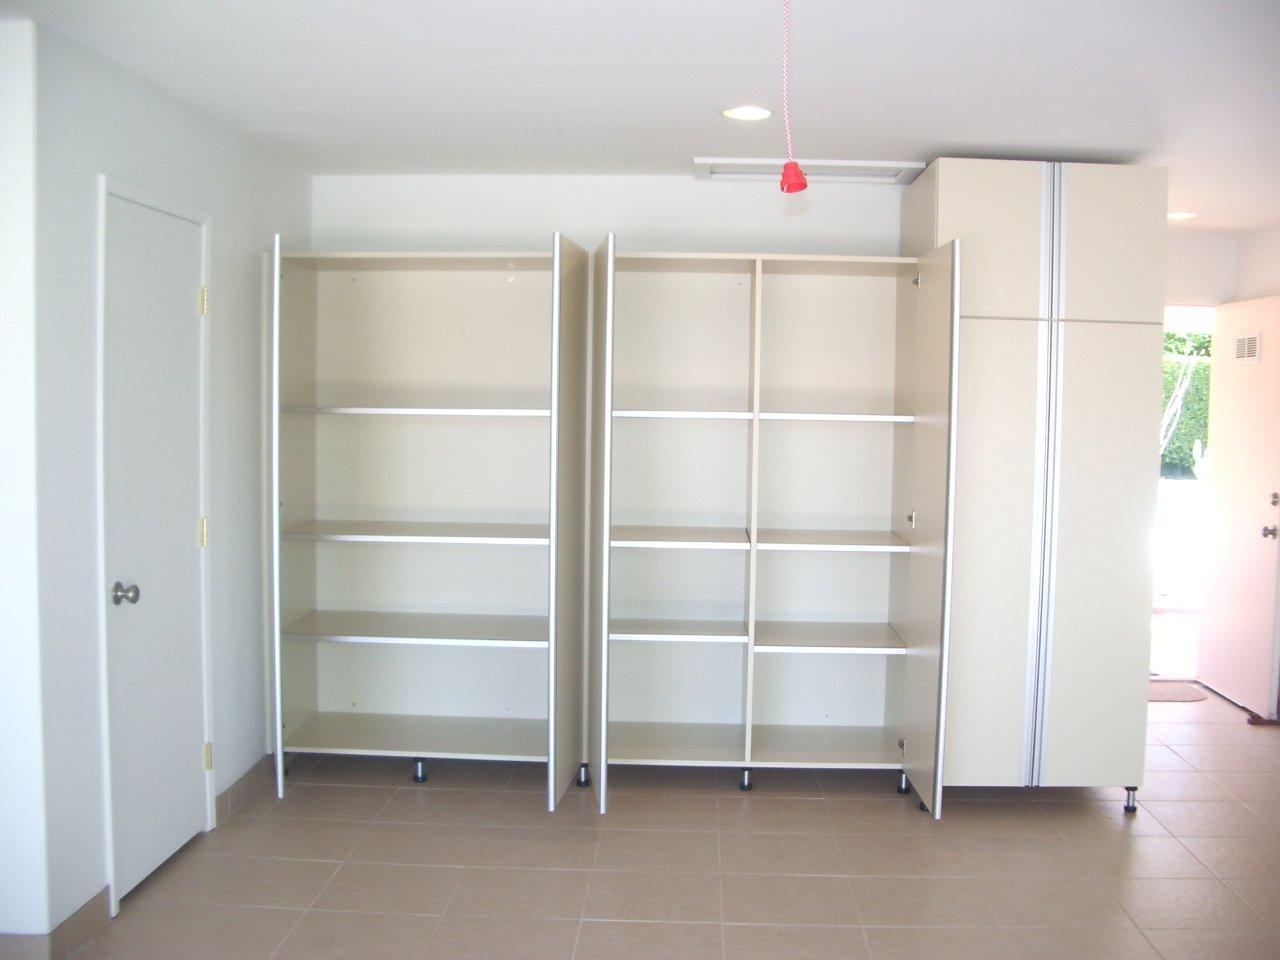 Garage Storage Cabinet Photos